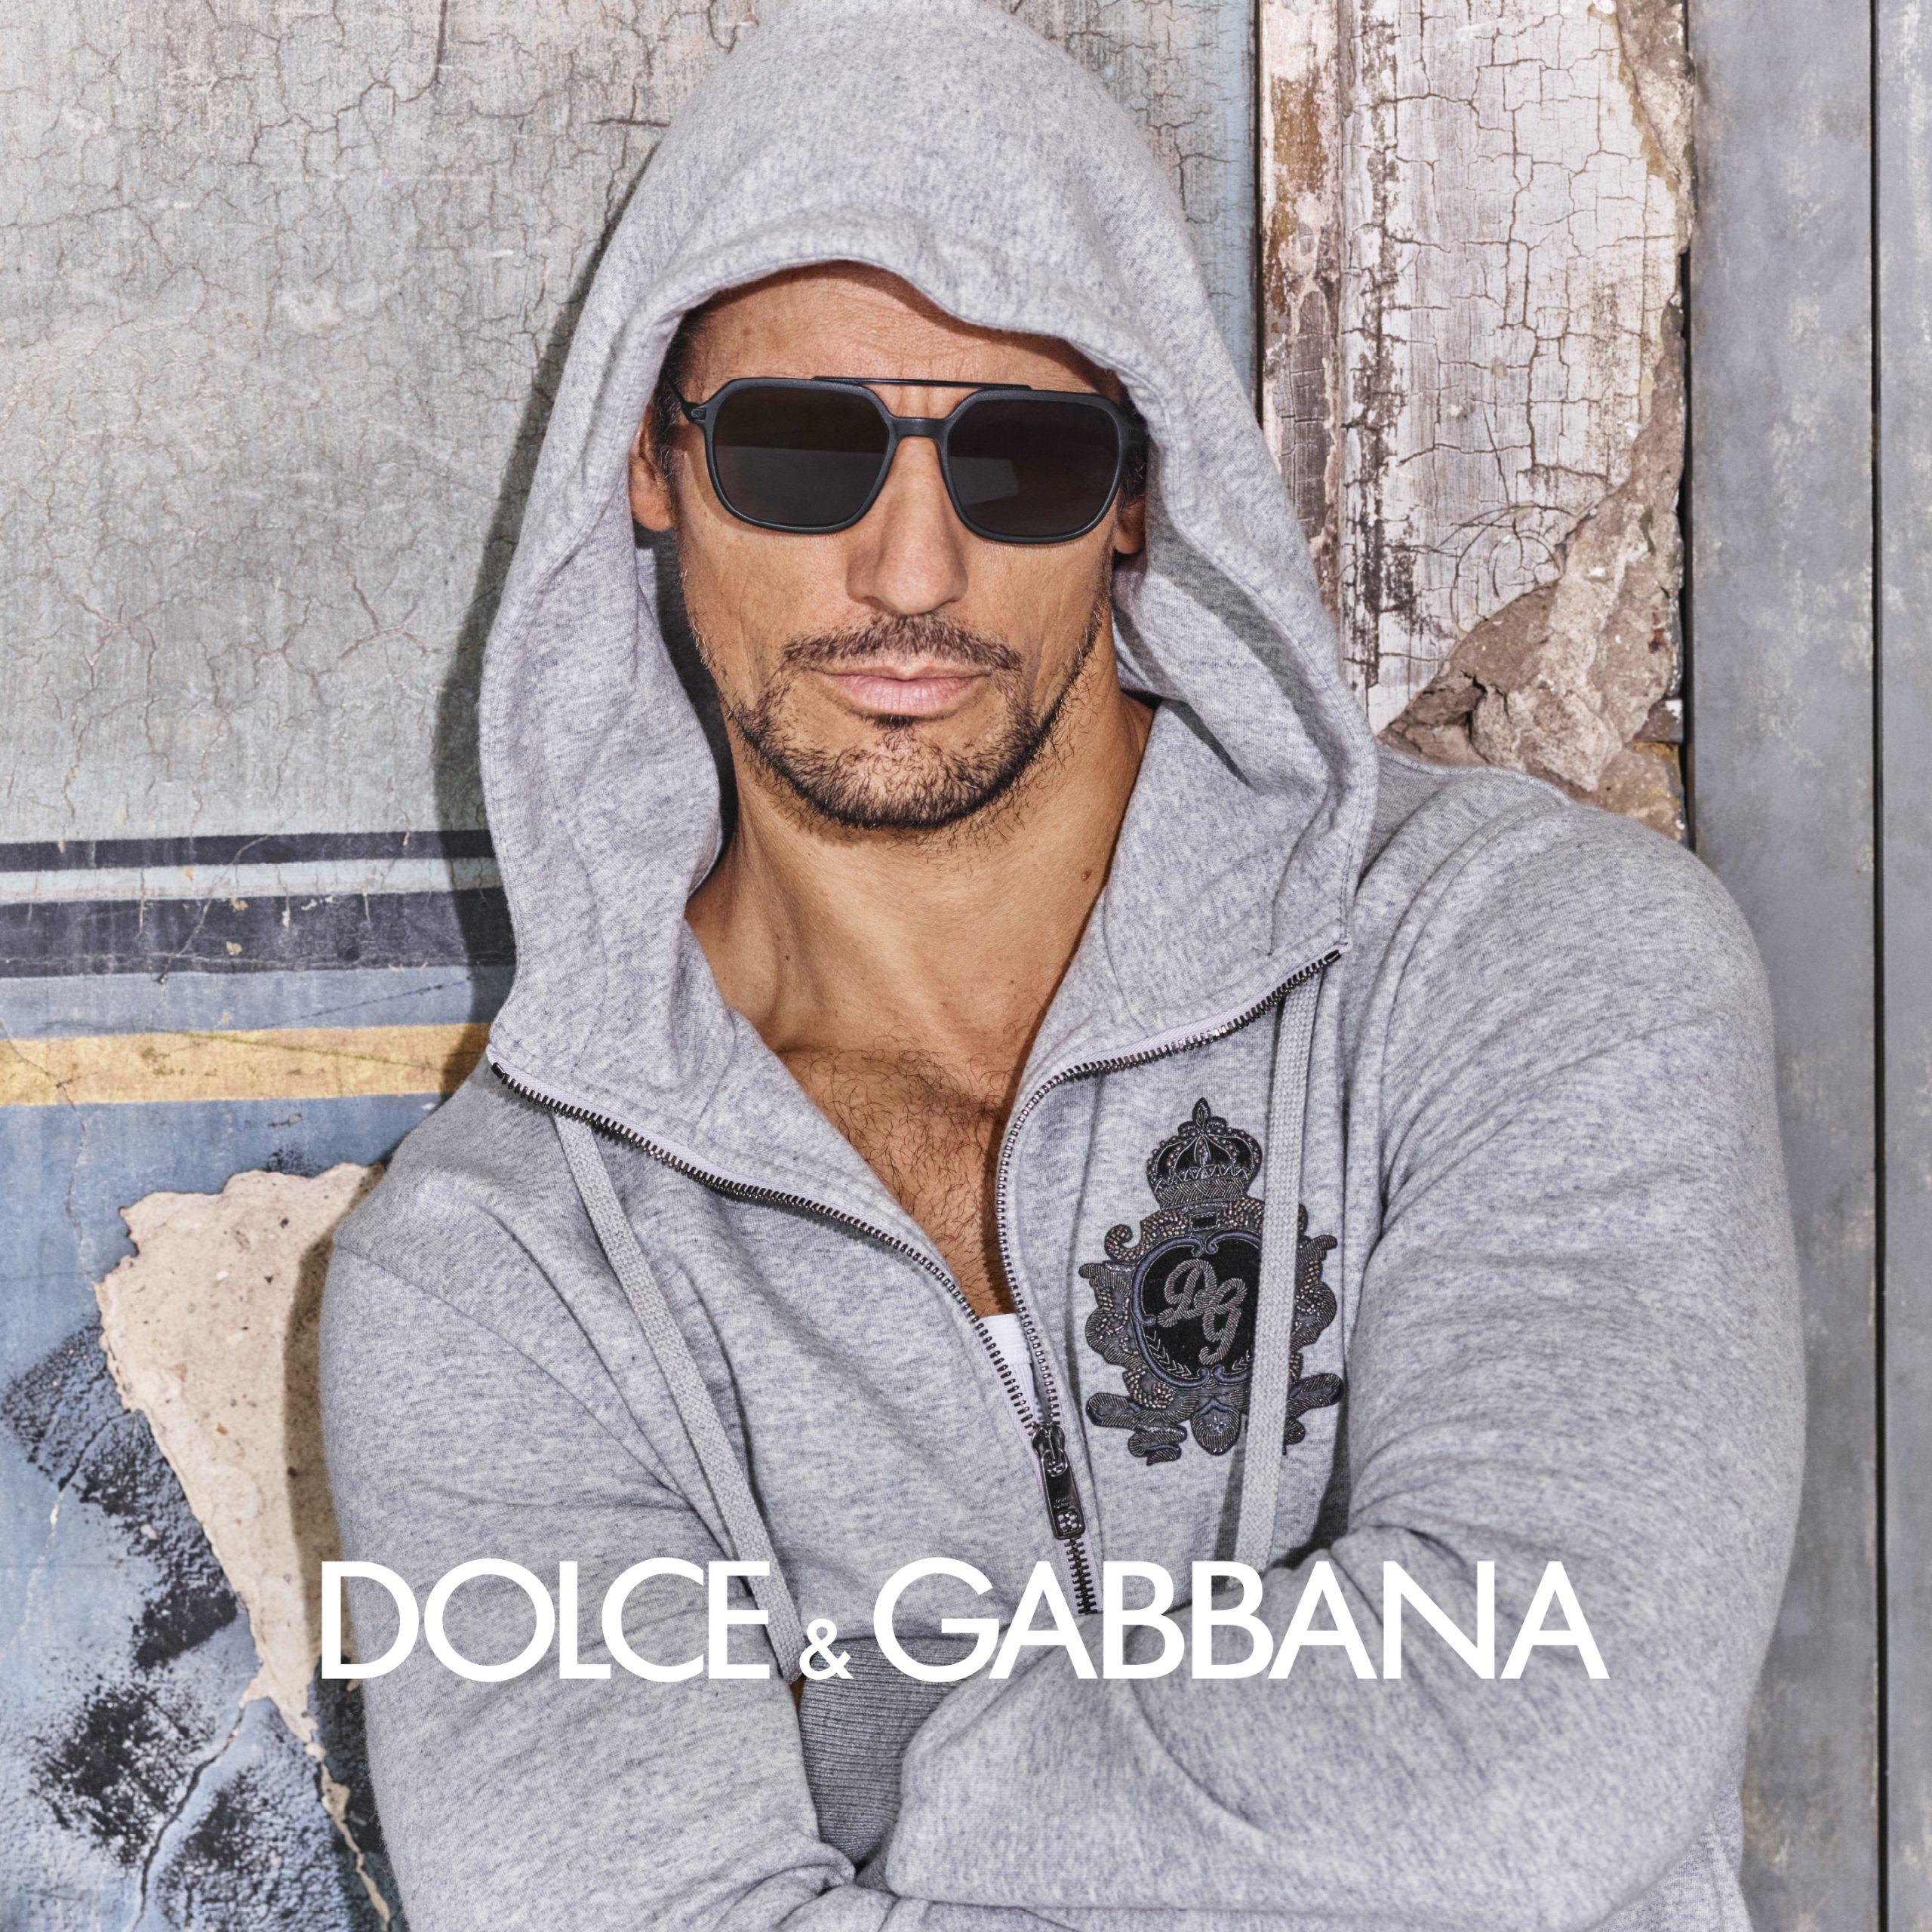 Dolce & Gabbana 3 - Ótica Pitosga